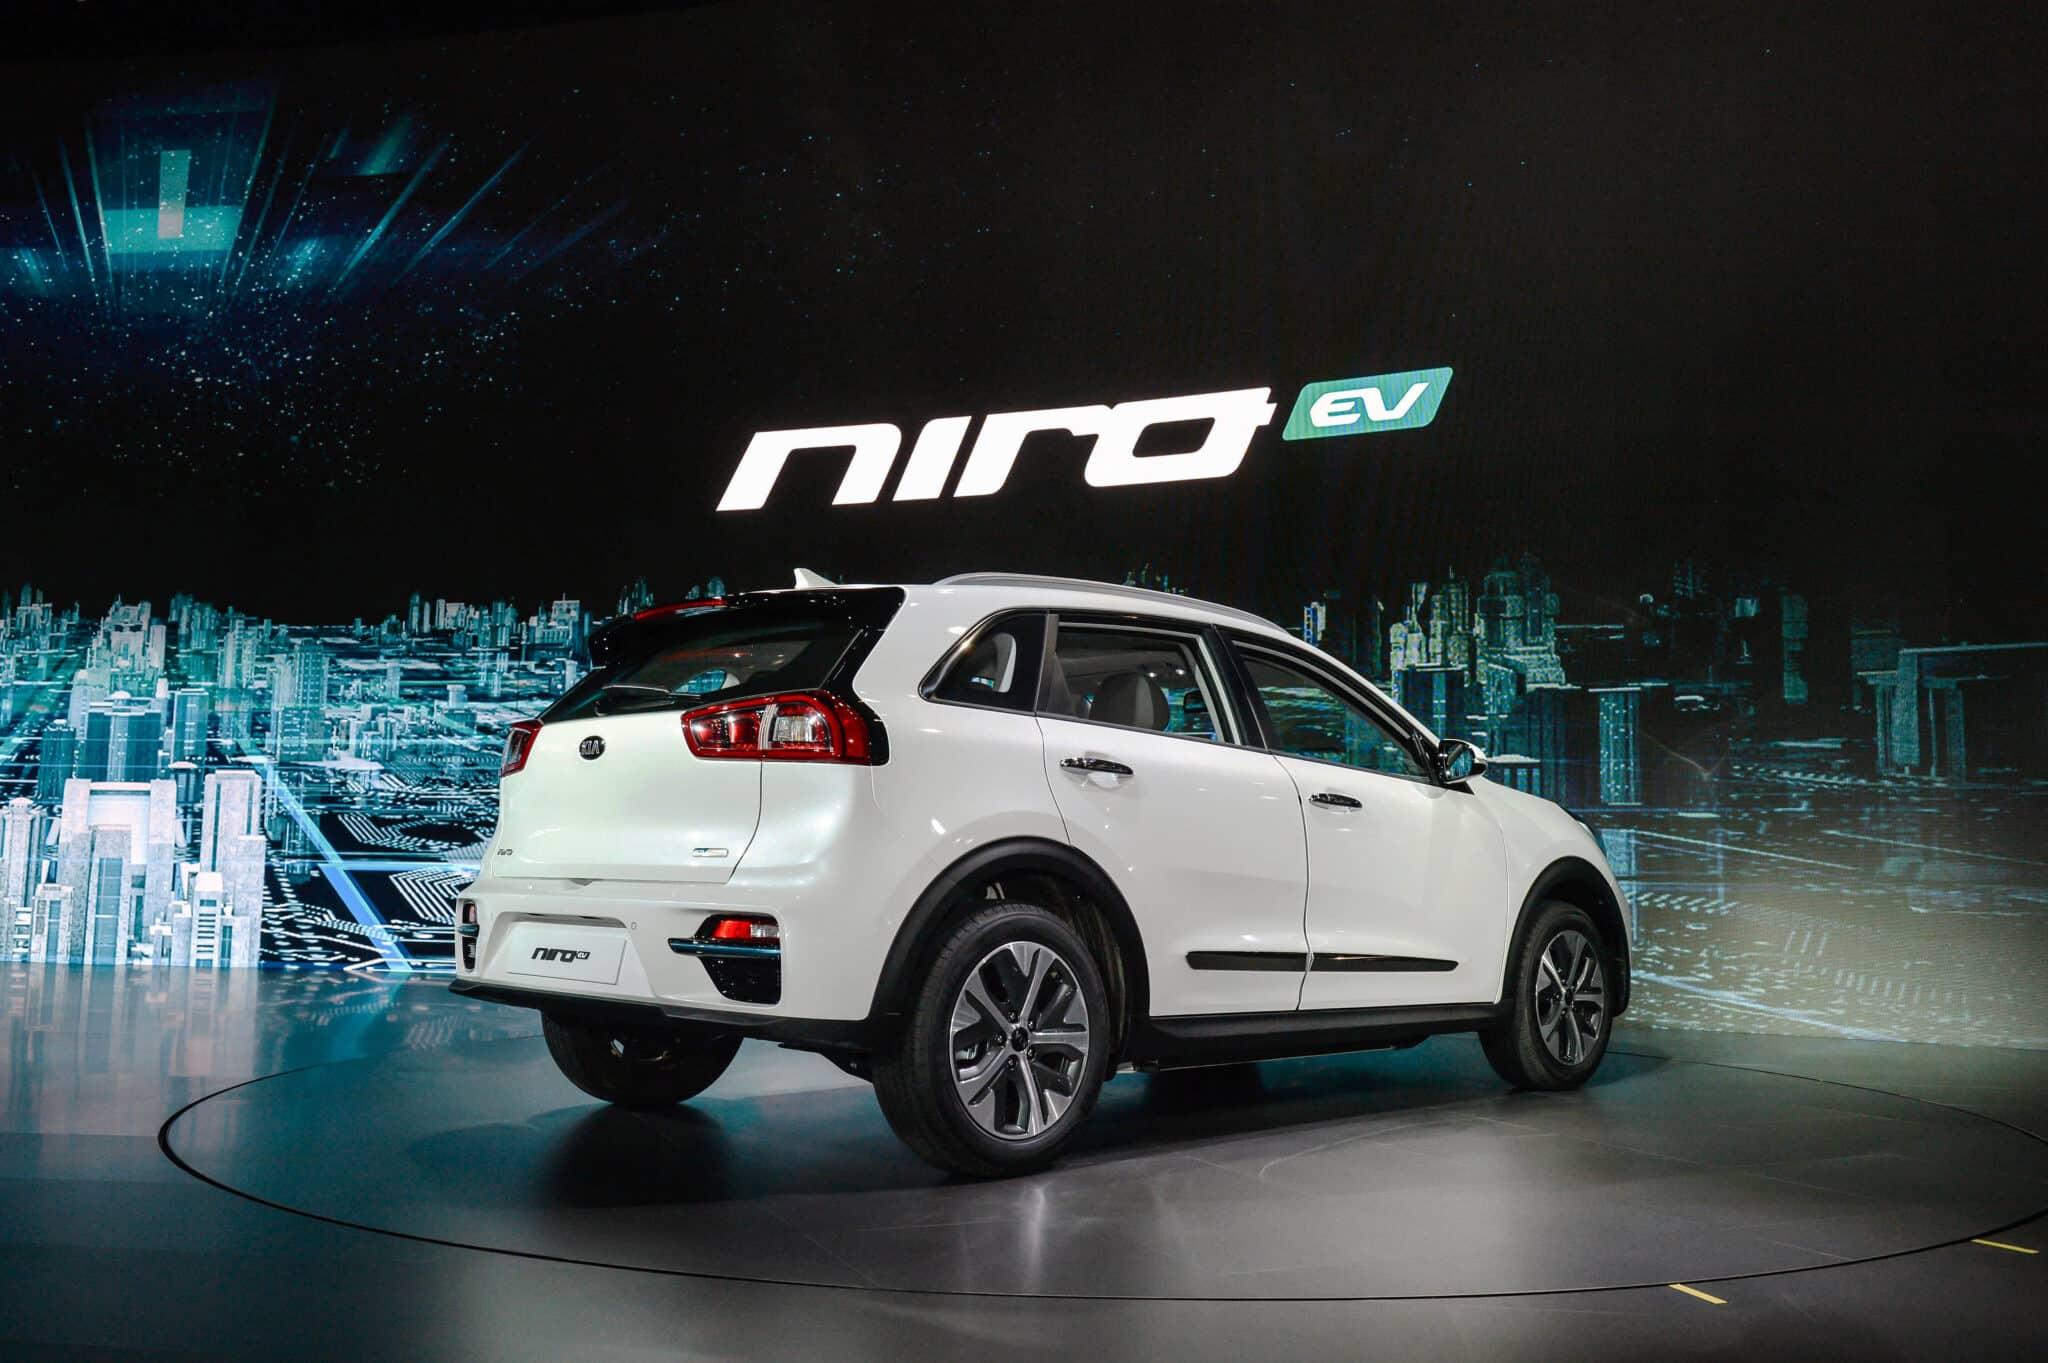 Crossover Kia NIRO EV, E-Mobilität mit wenig Kompromissen! » Kia Niro EV Busan Motorshow 3